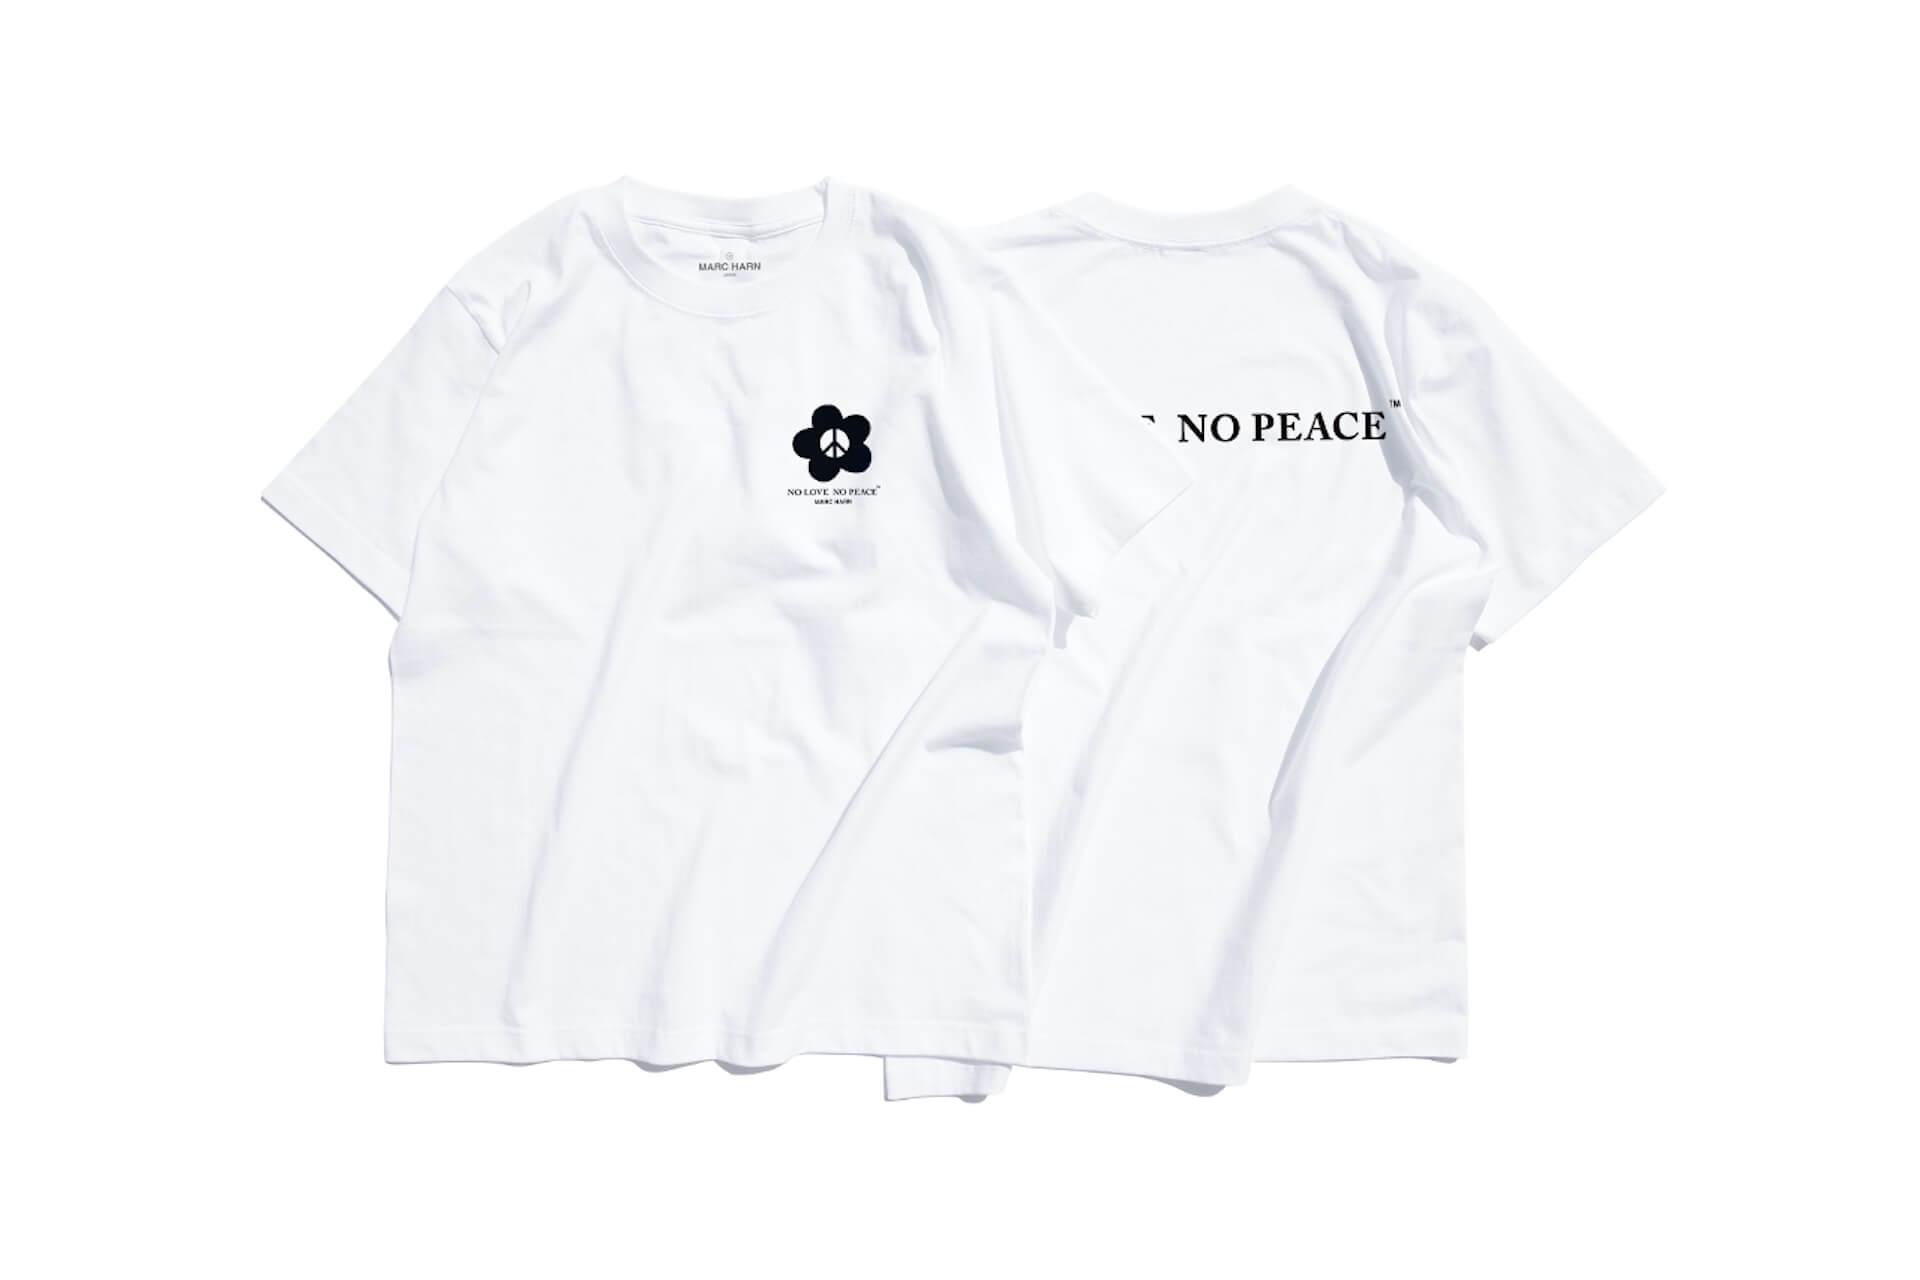 ファレル・ウィリアムス、VANSが認めたMASAの「MARC HARN」が新作の受注受付を開始!Tシャツやキャップなど12アイテム lf200618_marcharn_01